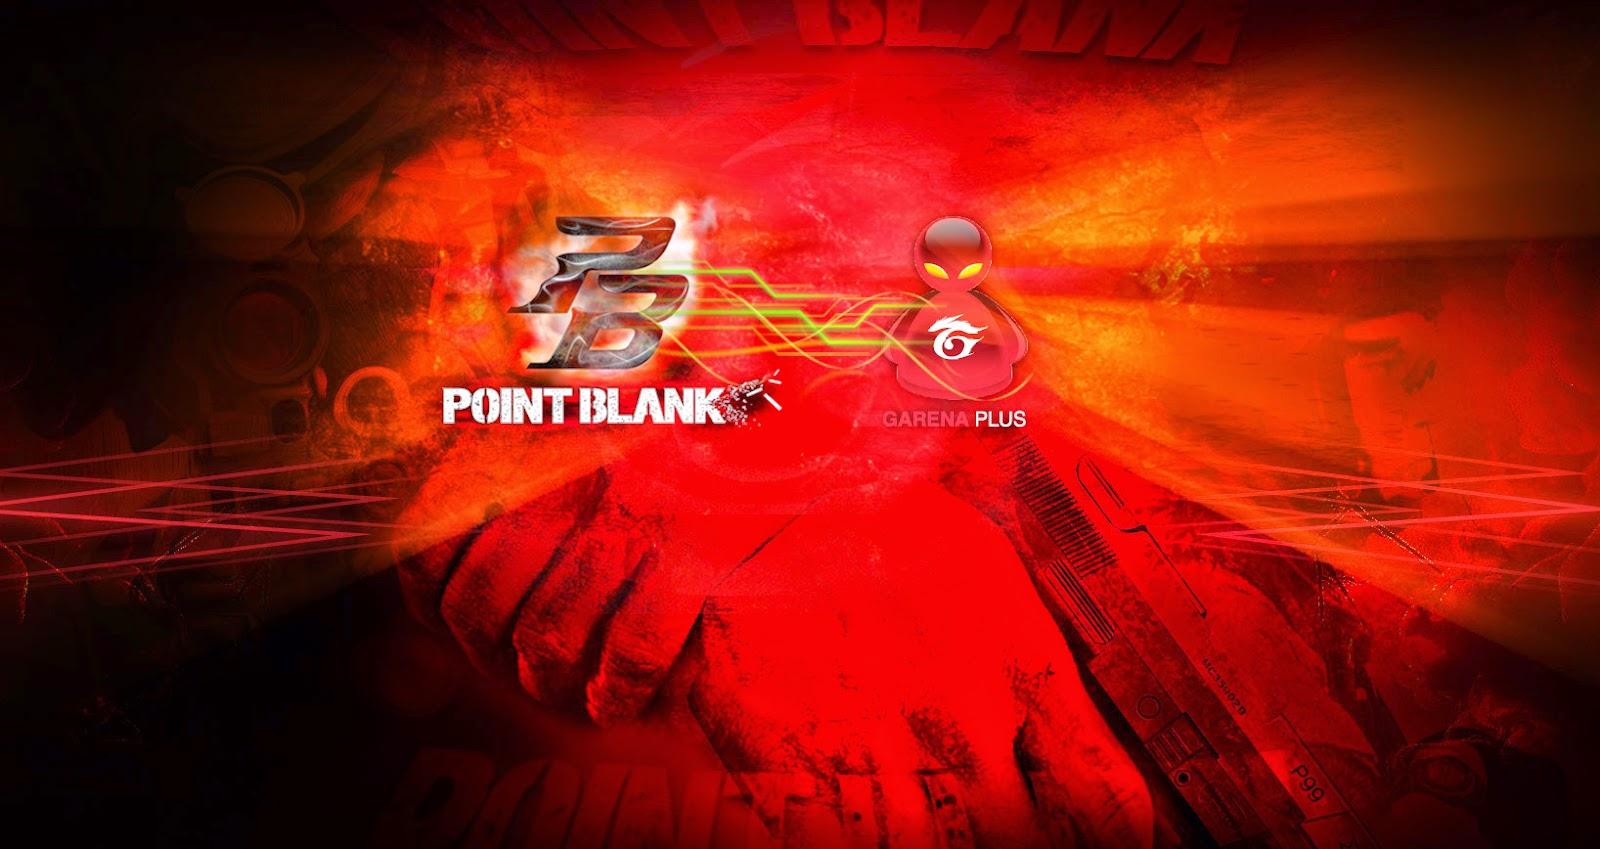 POINT BLANK GARENA